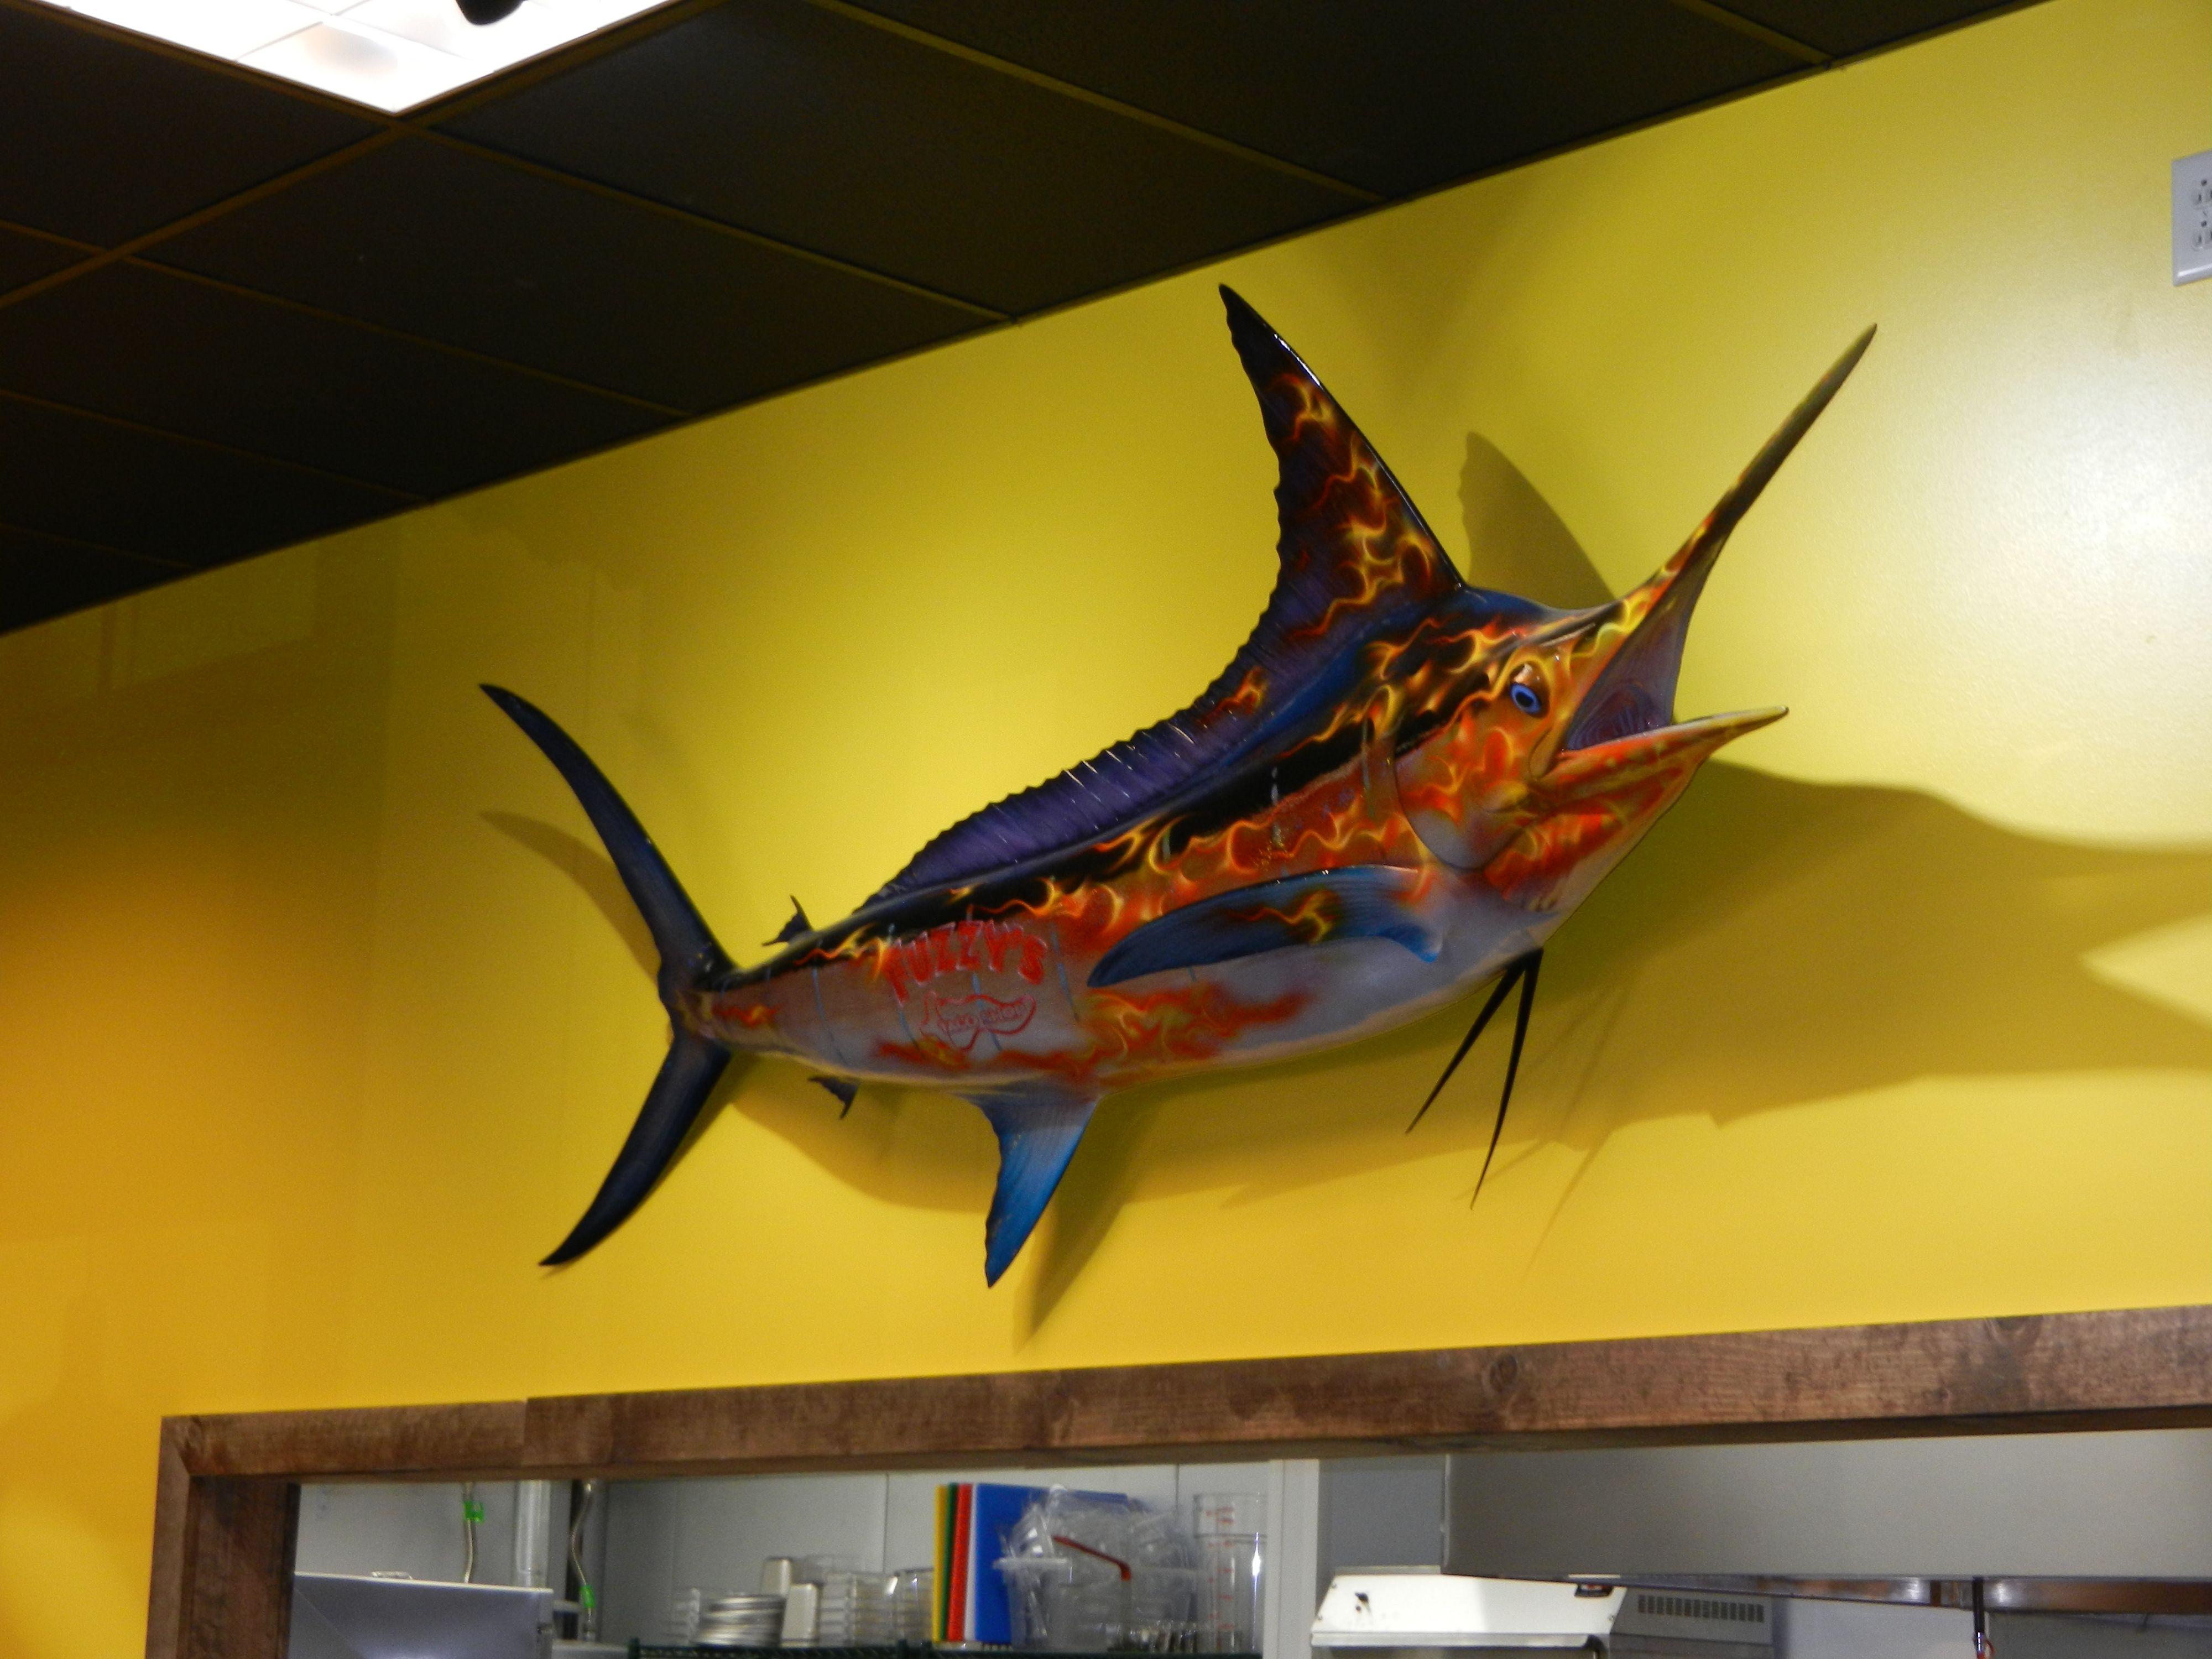 Amarillo Flaming Fish | Flaming Fish | Pinterest | Fish